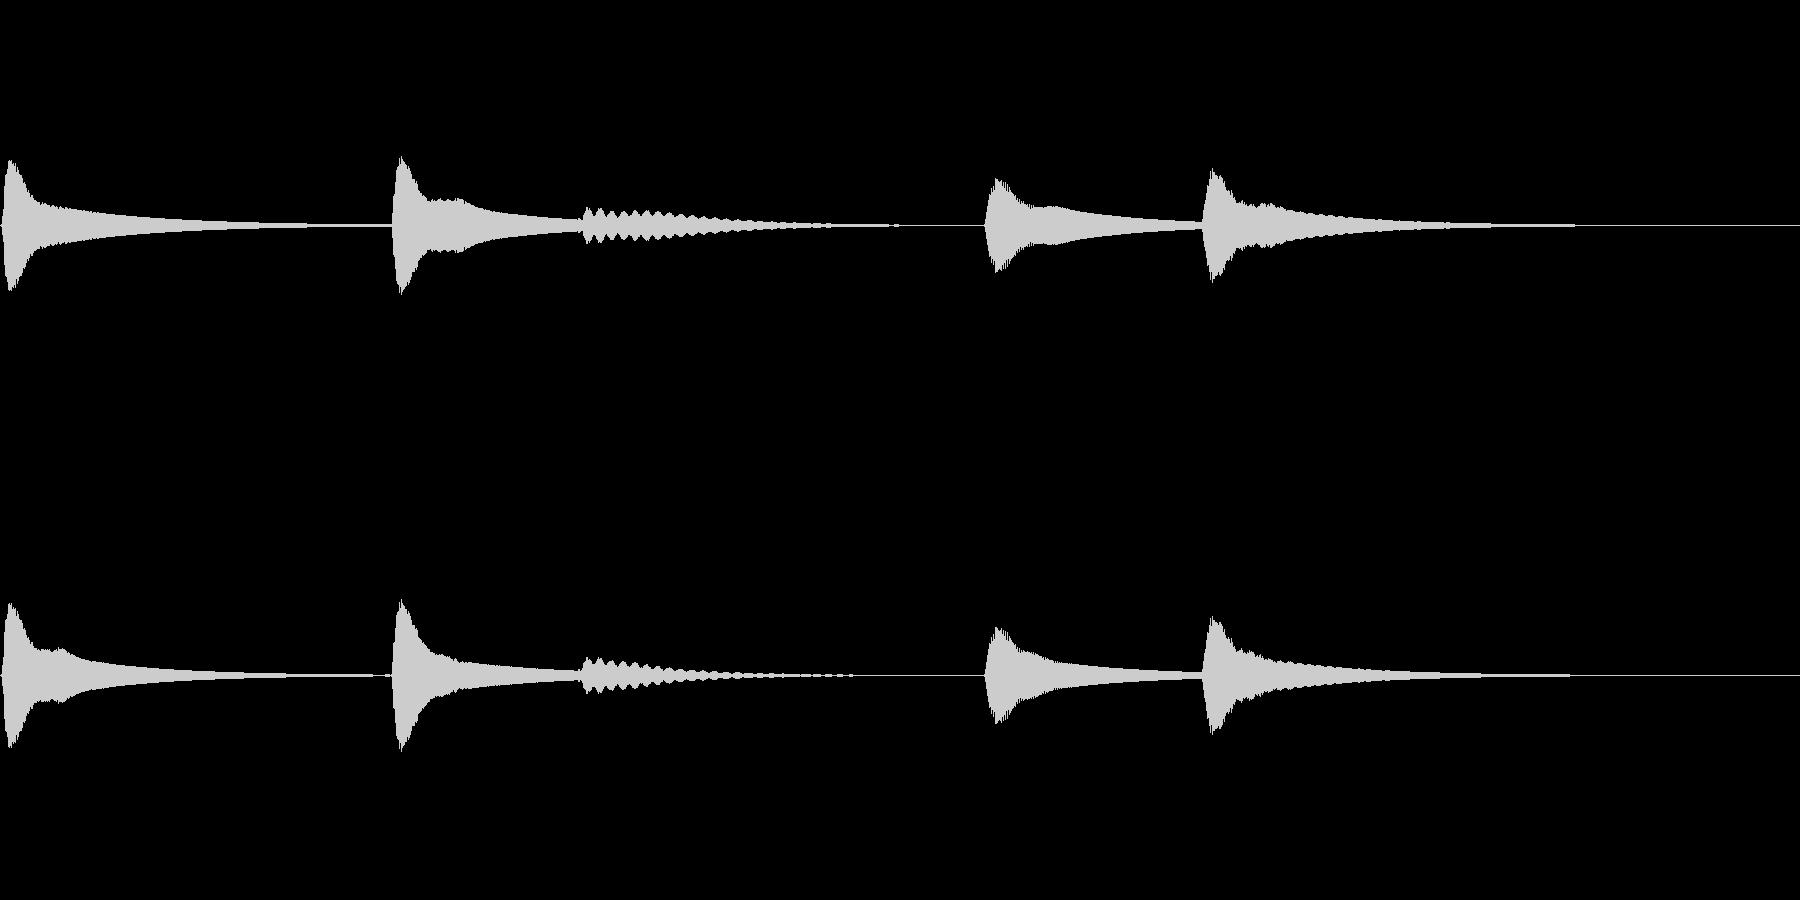 【SE 効果音】ティロティリロリン4の未再生の波形